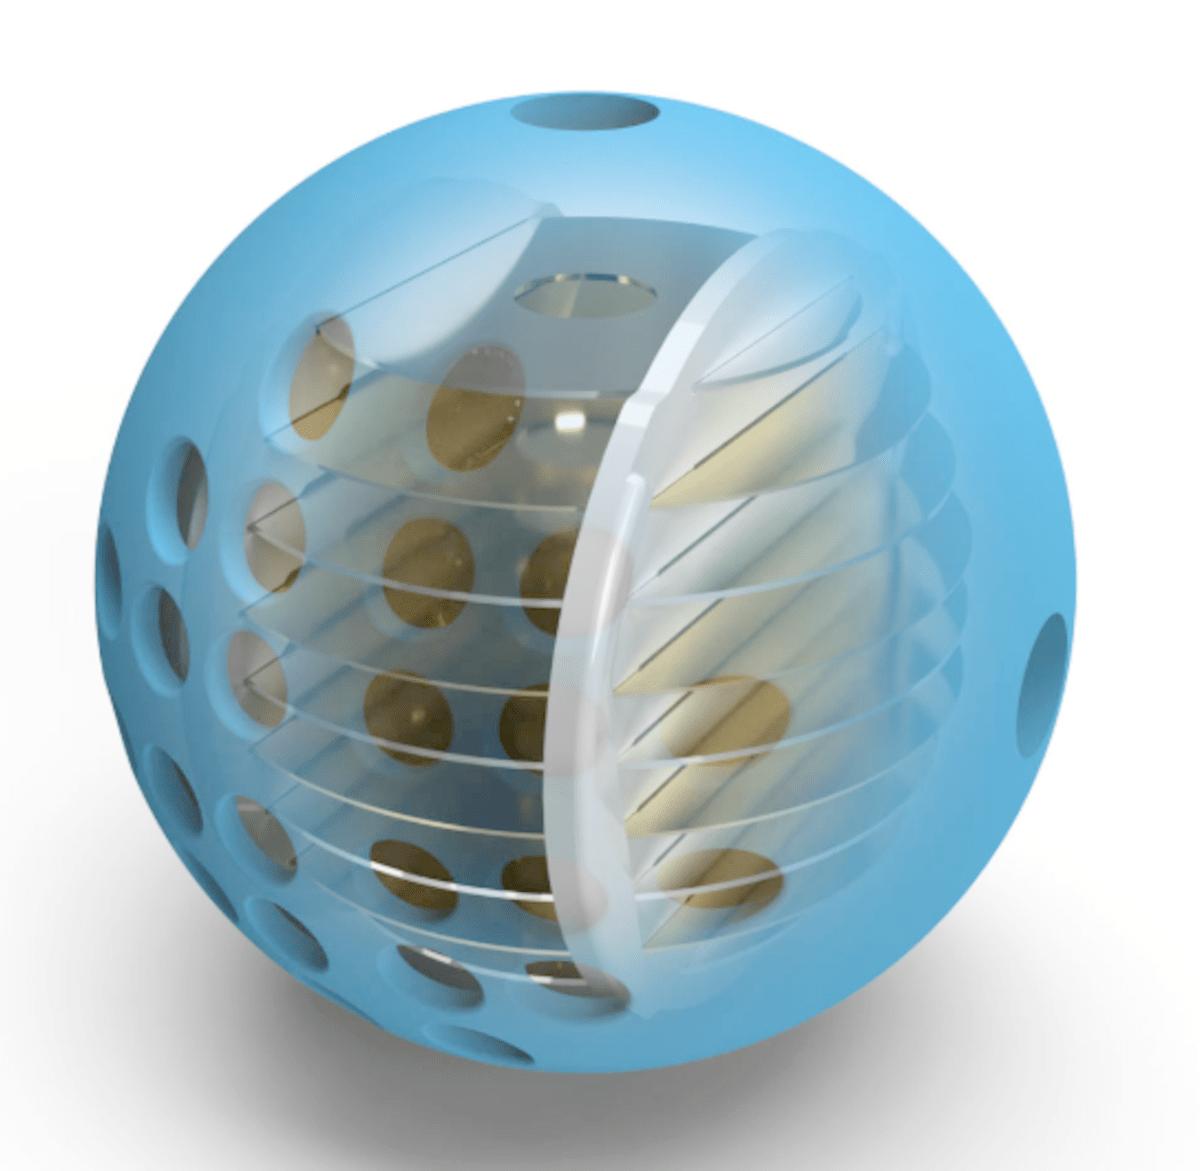 IPS Ball koule pro pračky, myčky, nádrže SWB